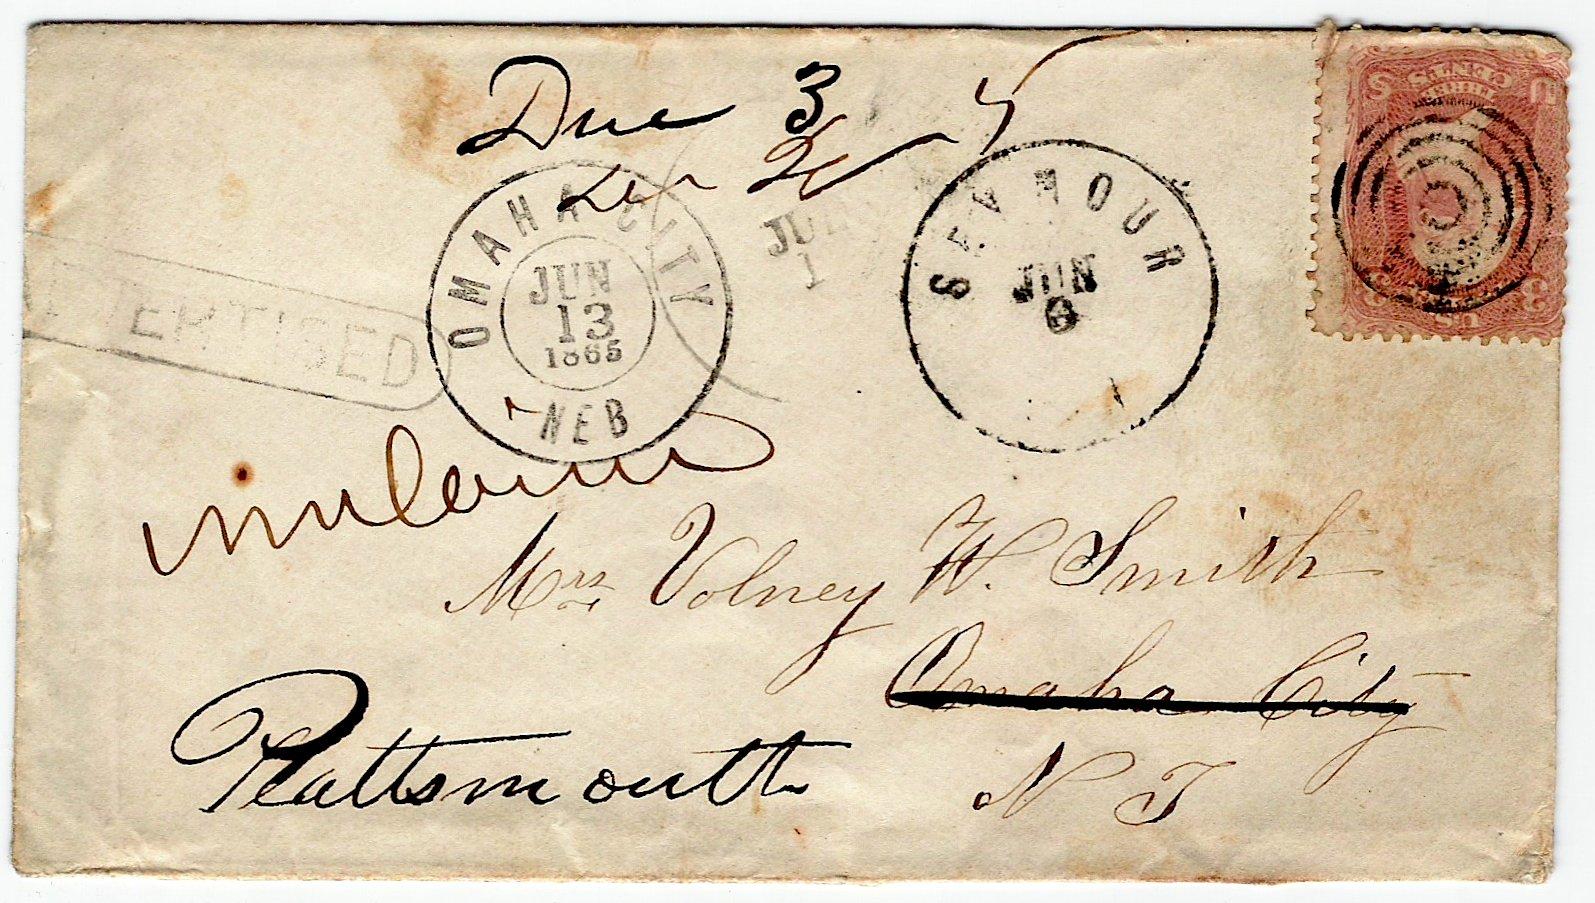 Plattsmouth 1865 07 01